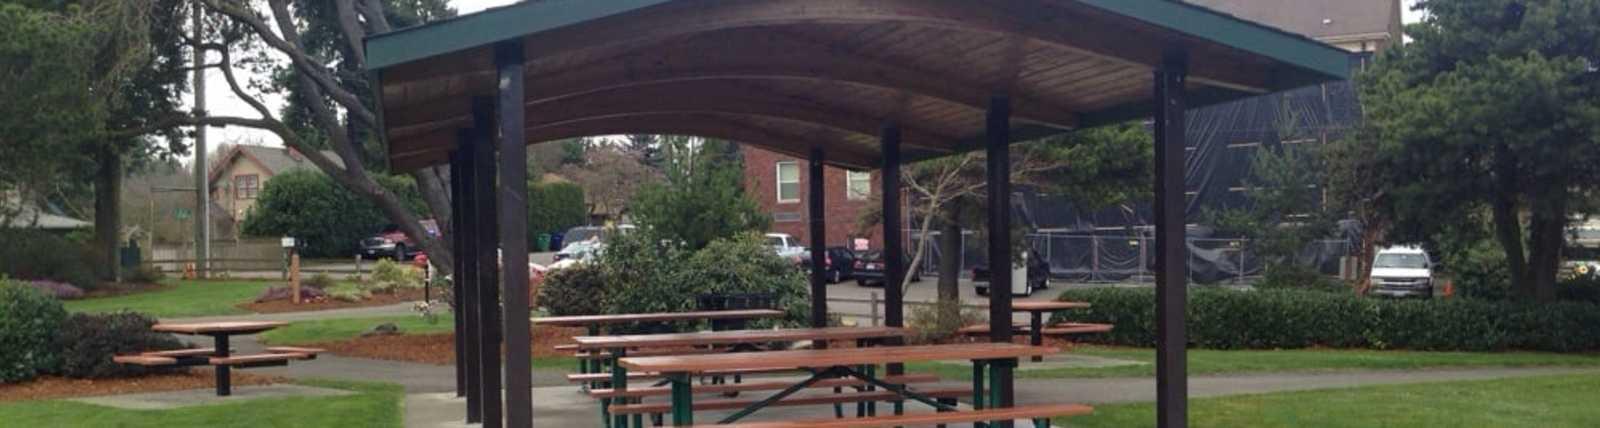 Riverton Park